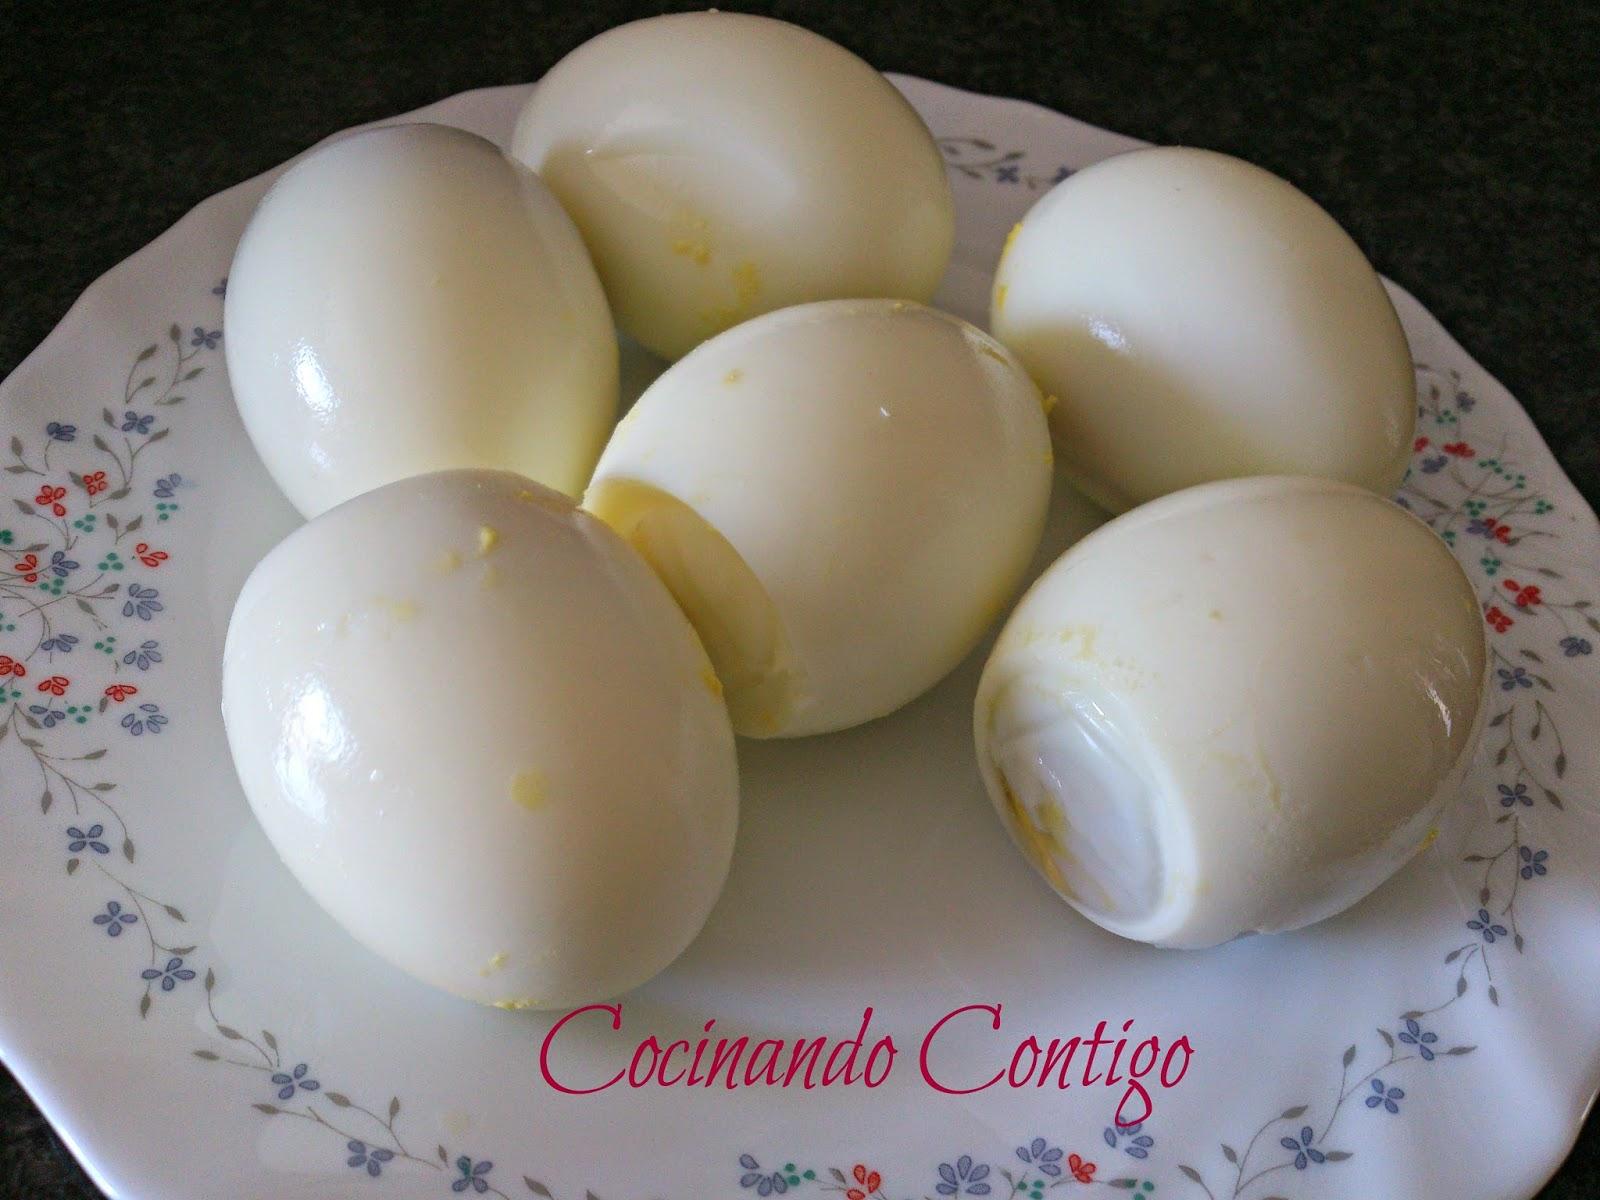 Cocinando contigo huevos cocidos for Cocinando 1000 huevos